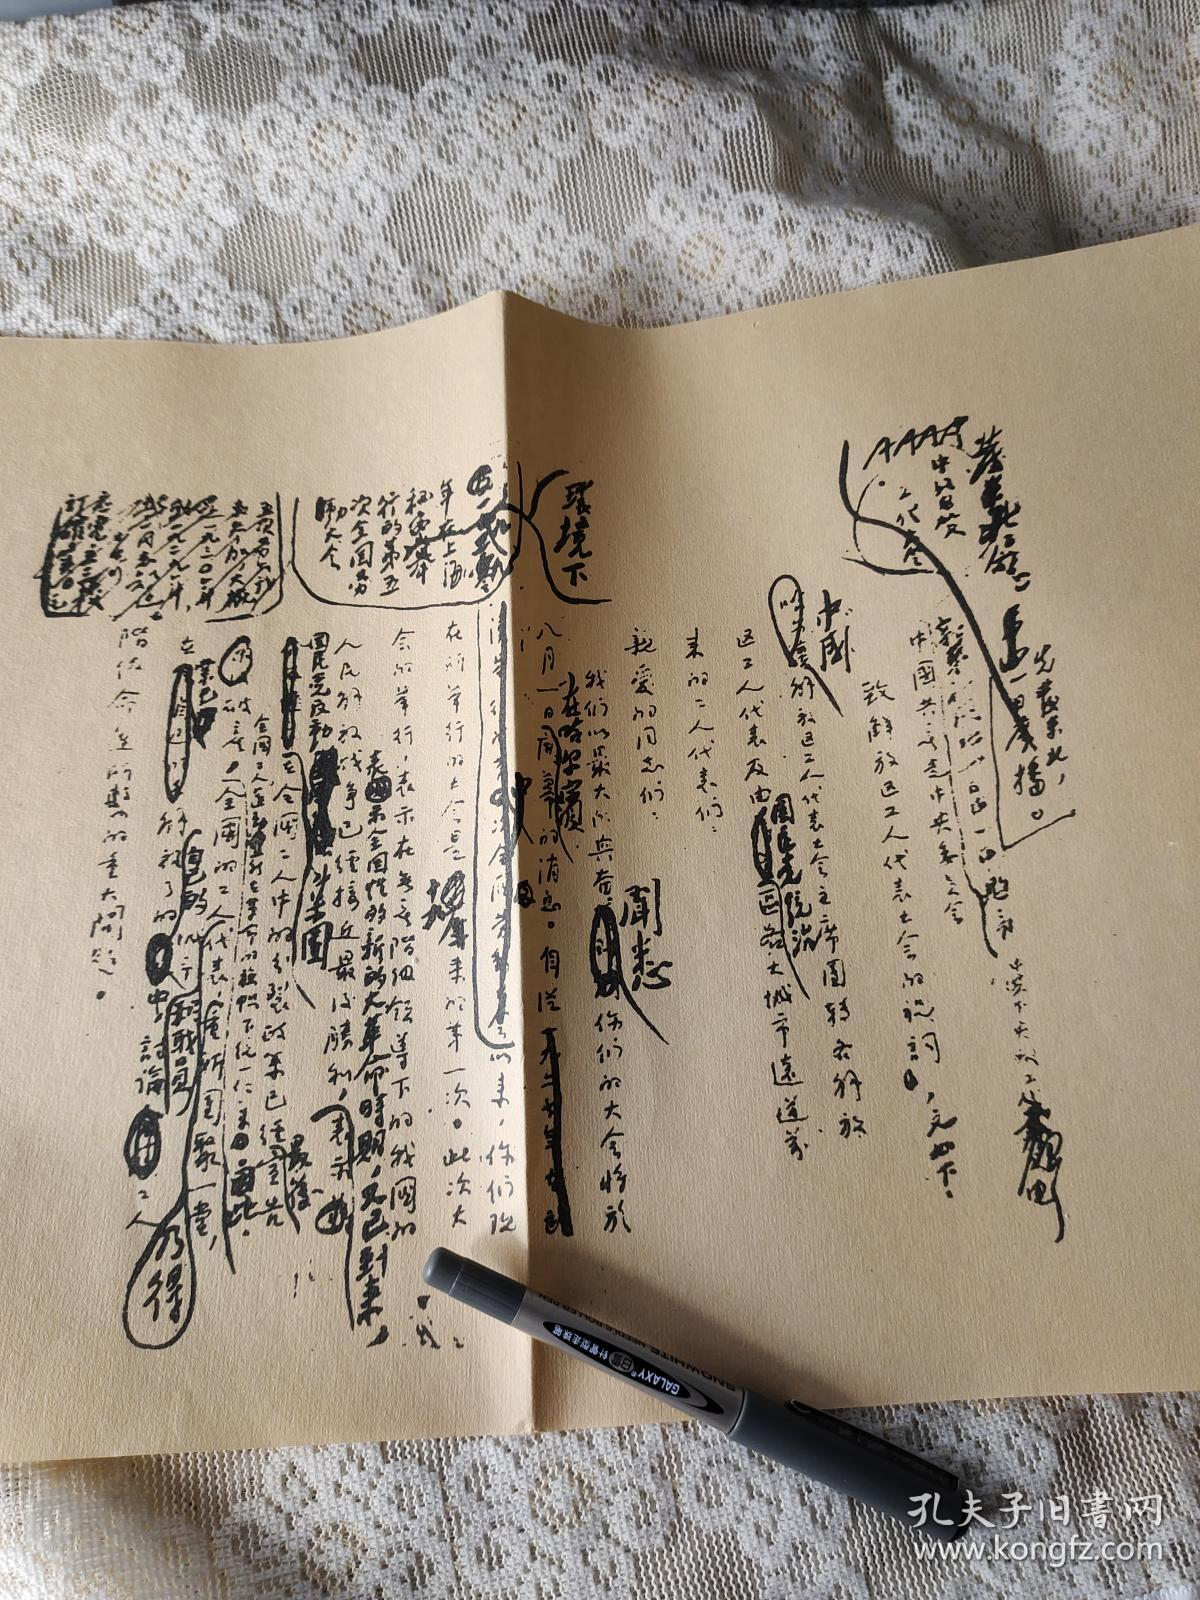 4新华社稿笺影印--解放战争------